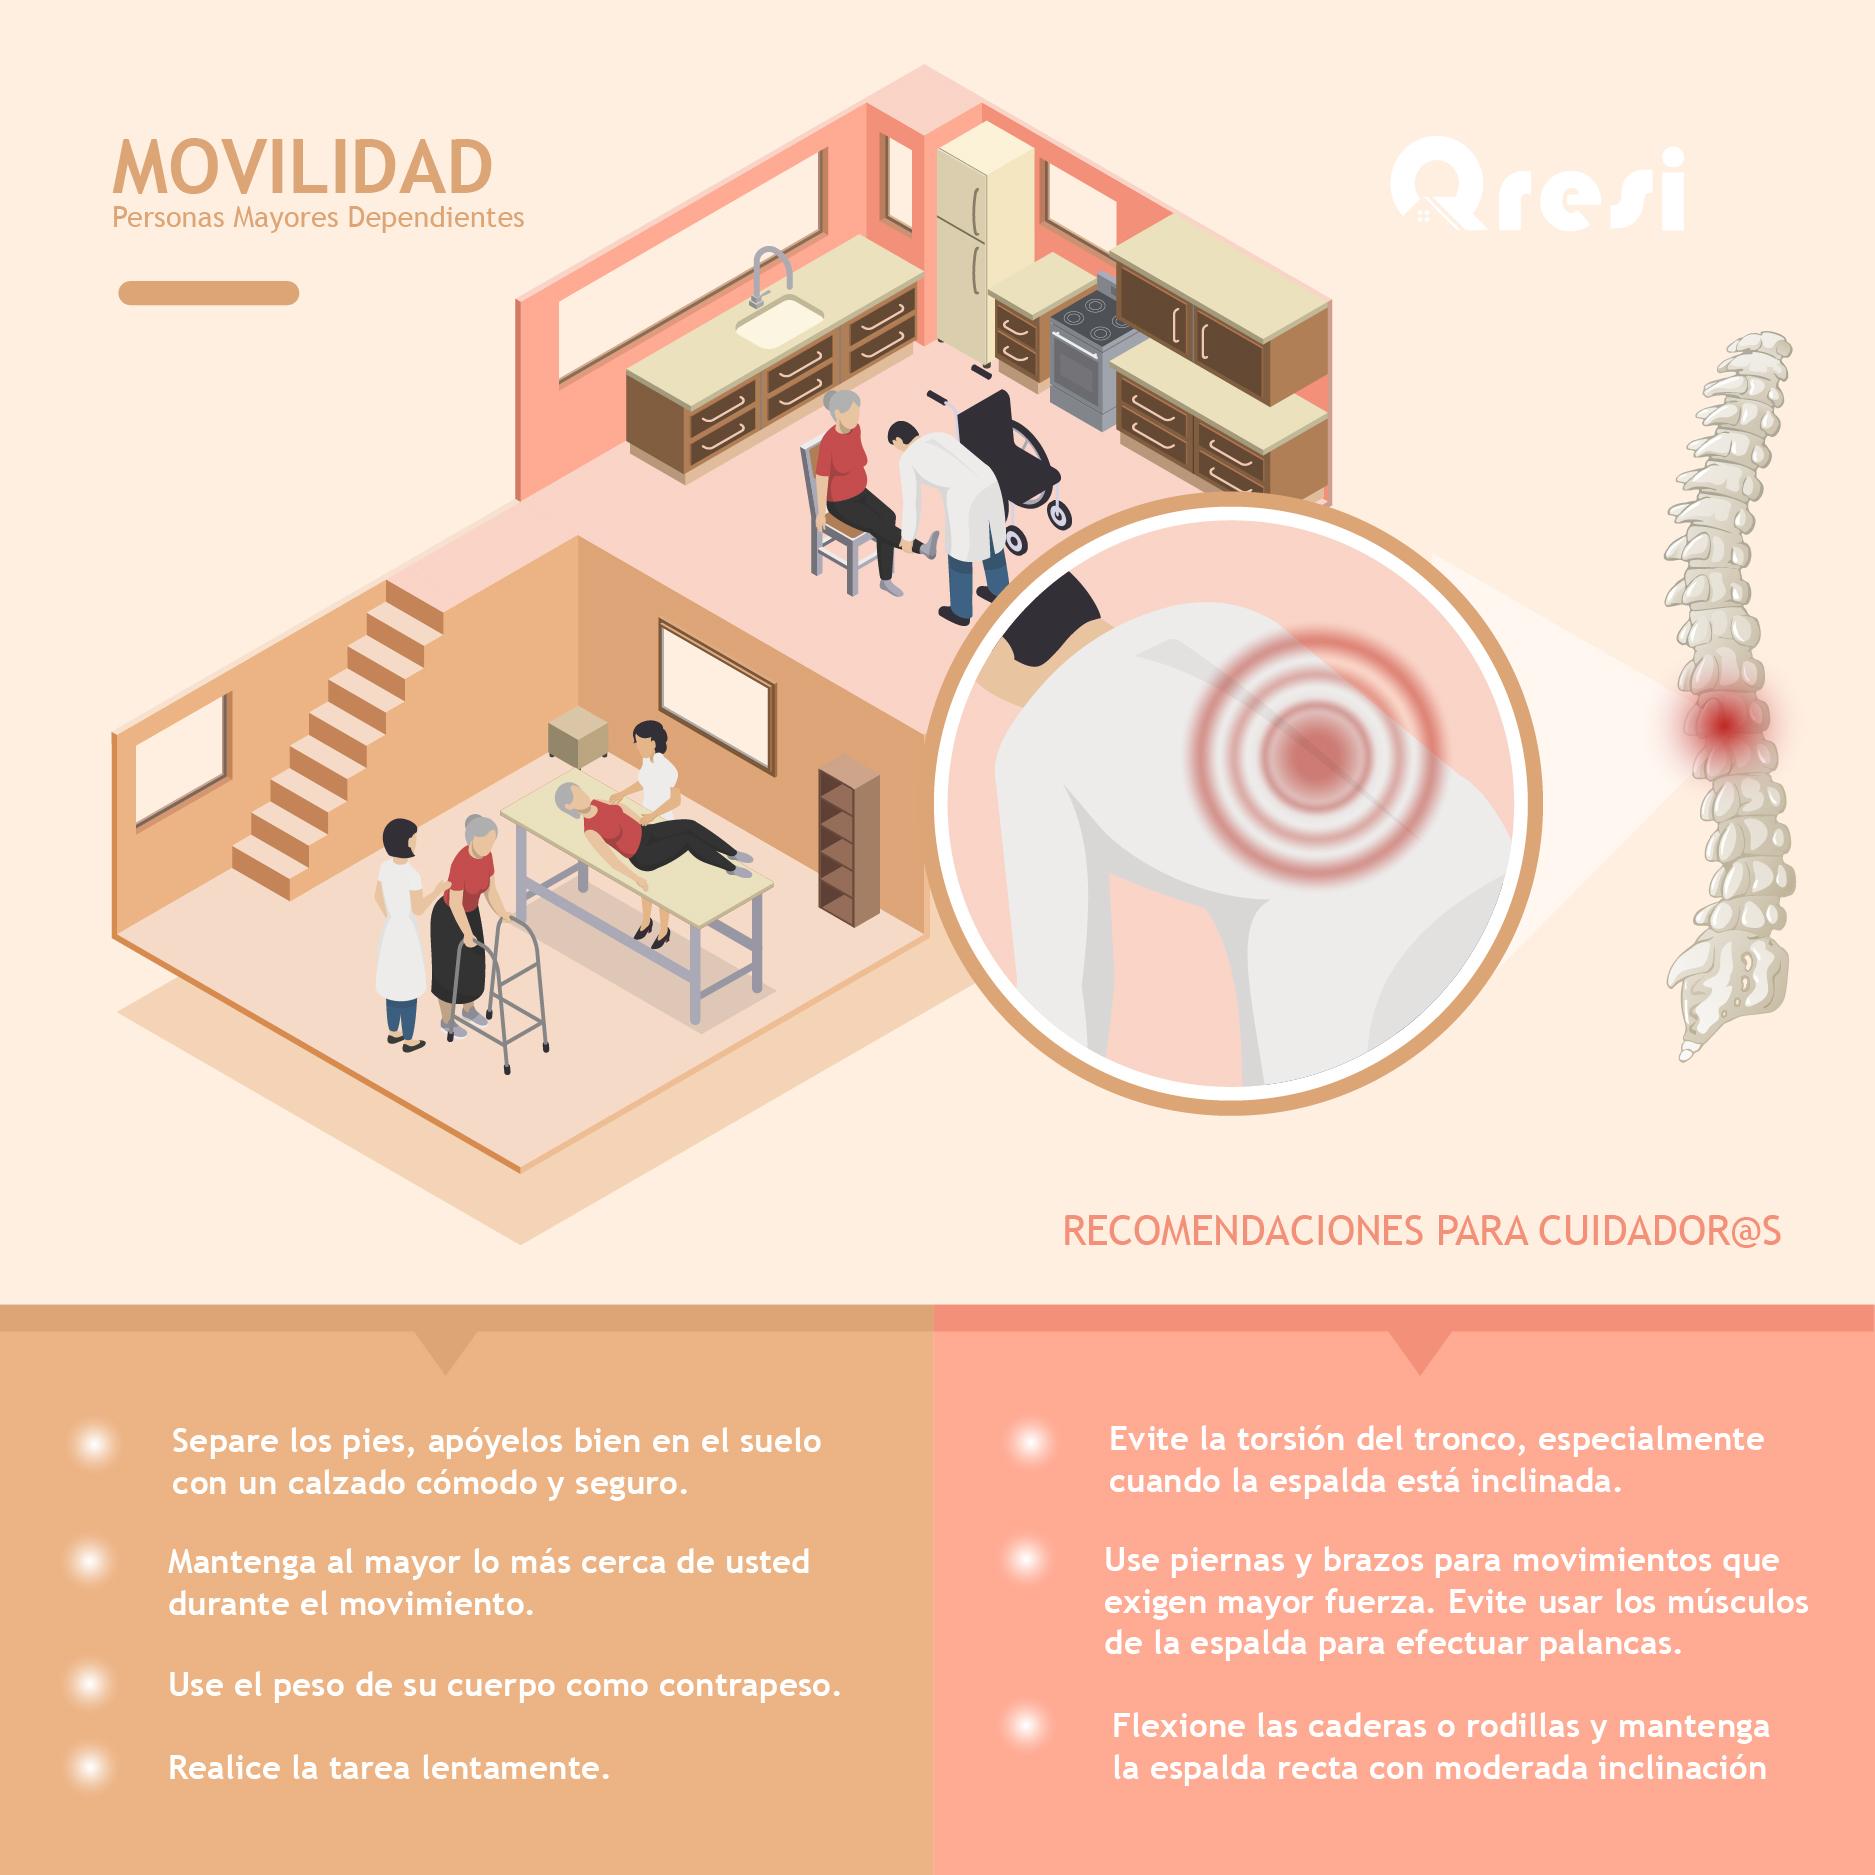 Infografía movilidad a personas mayores dependientes